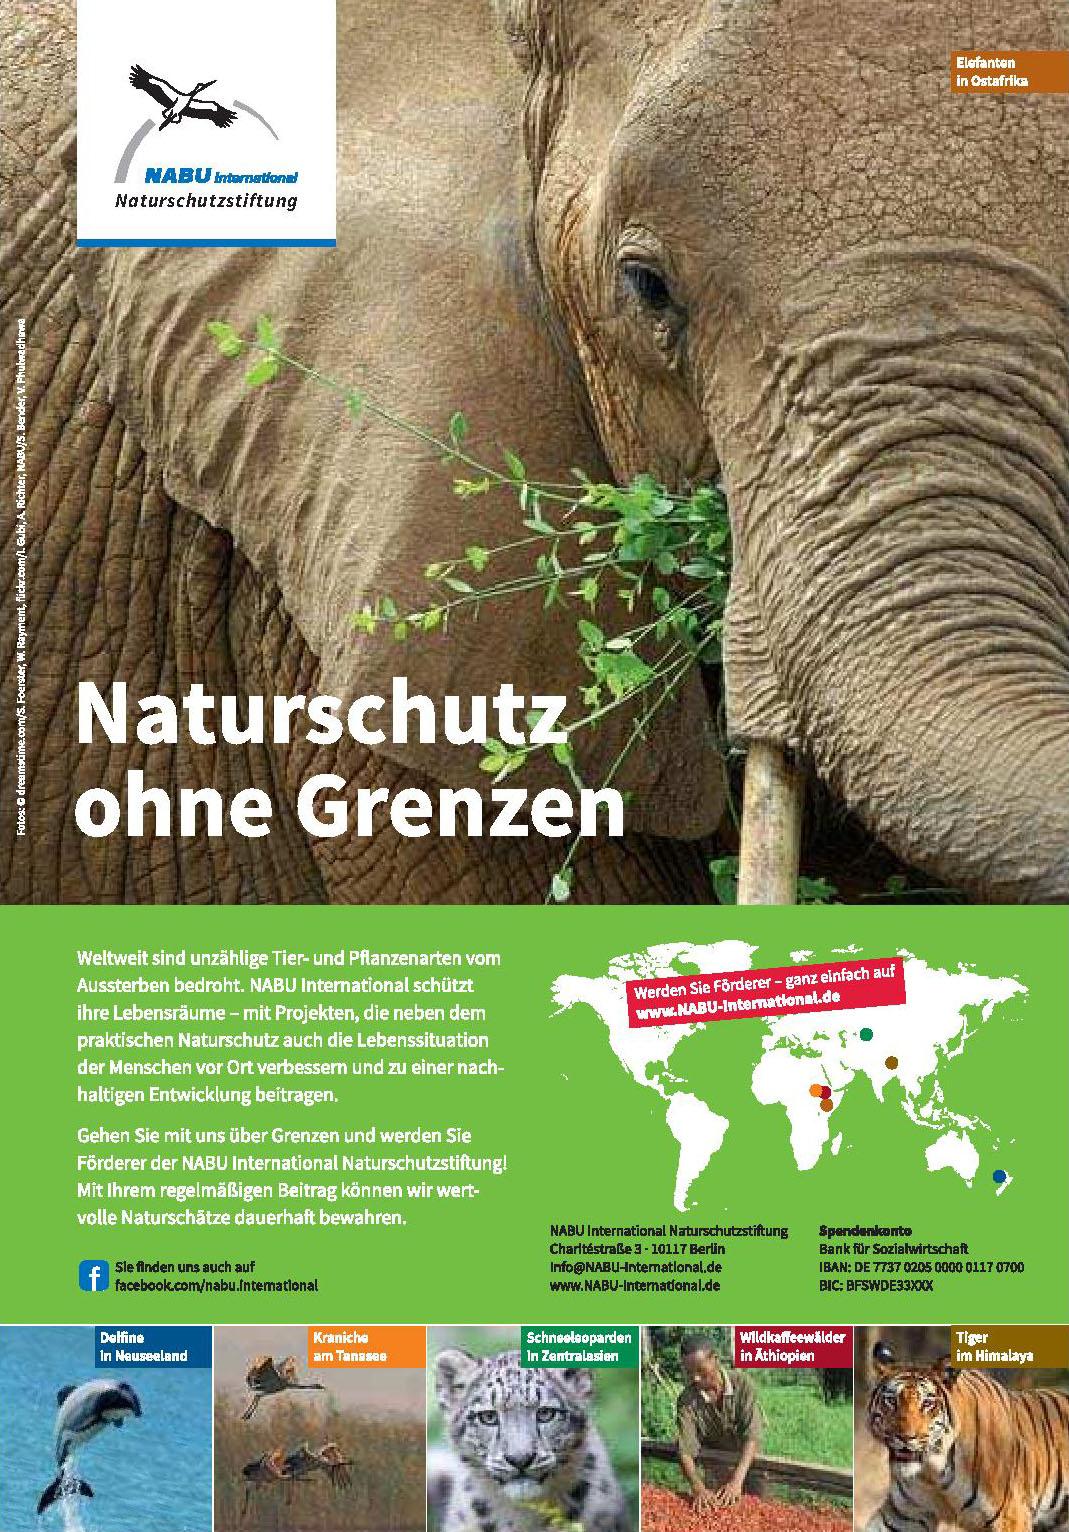 NABU International Naturschutzstiftung